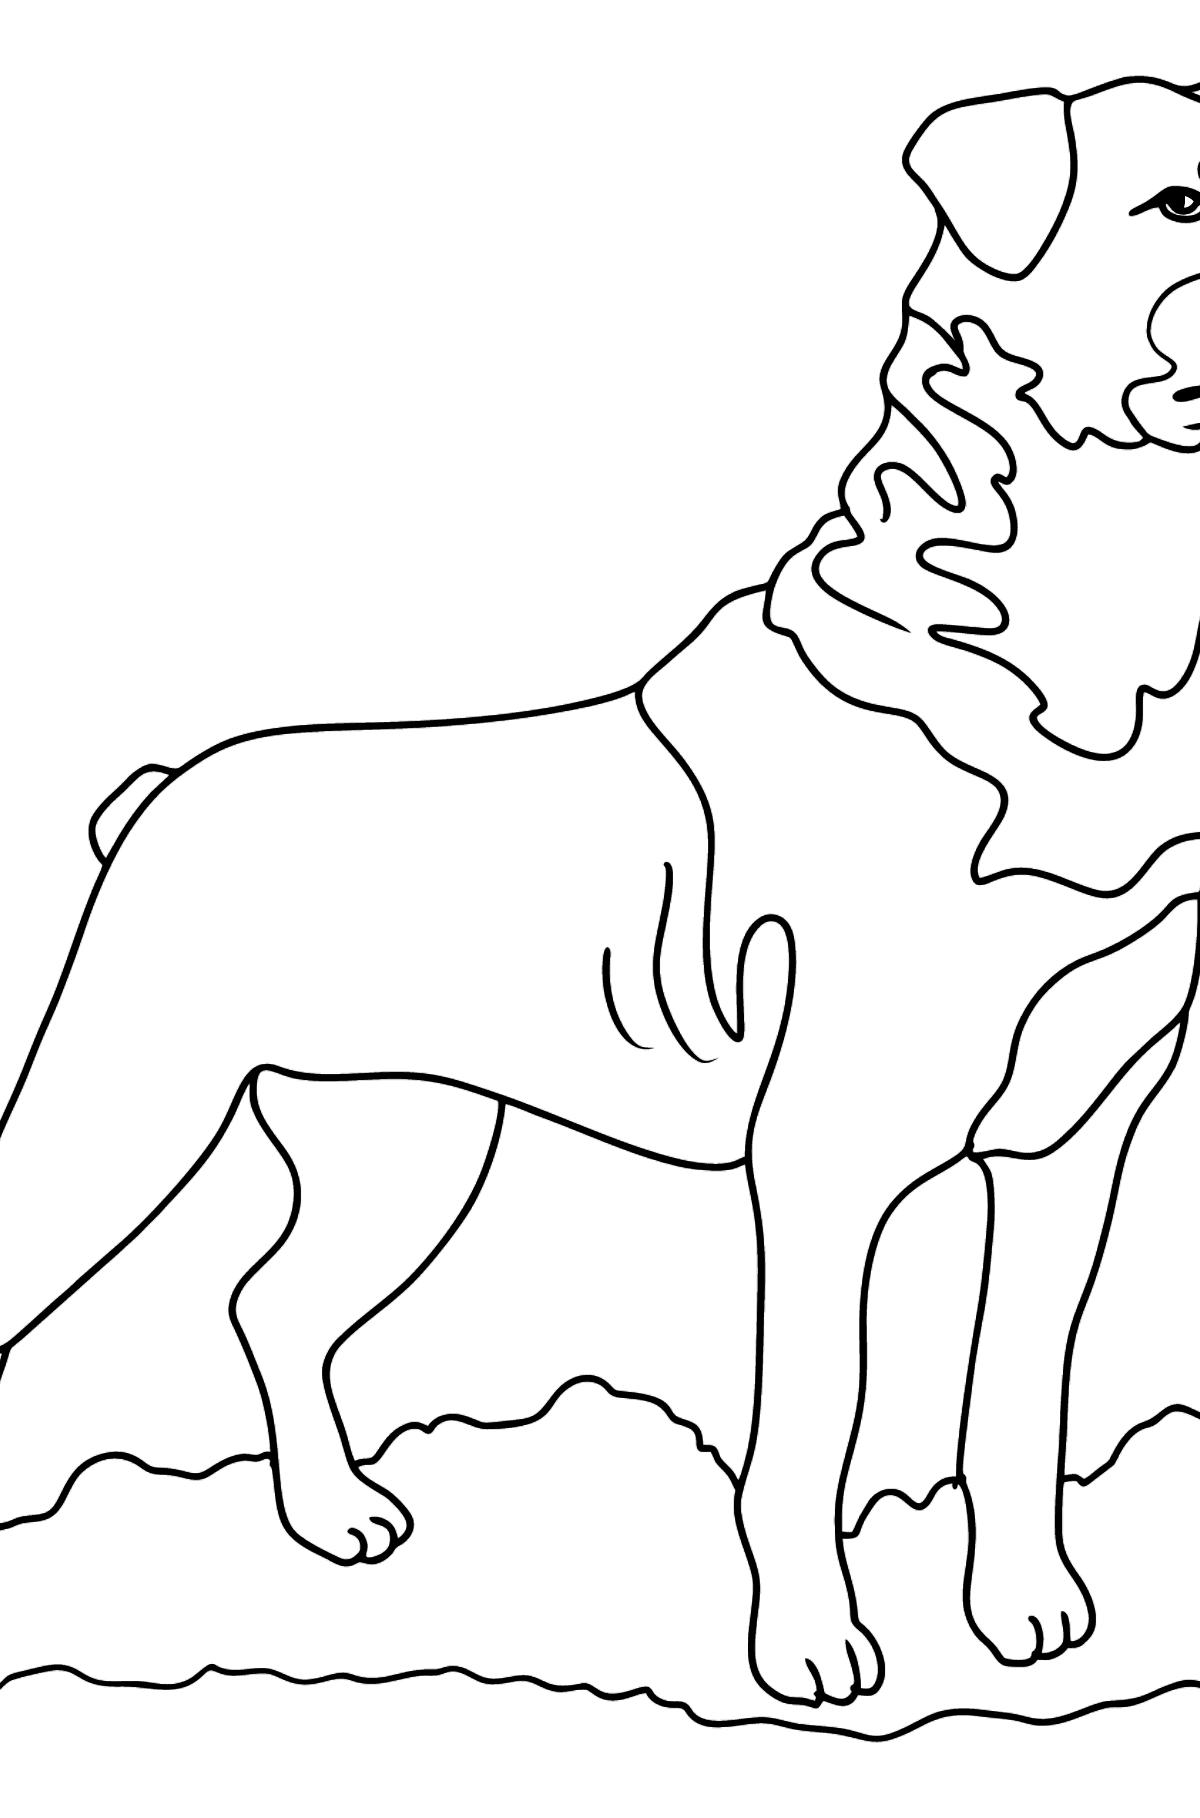 Rottweiler Ausmalbild - Malvorlagen für Kinder